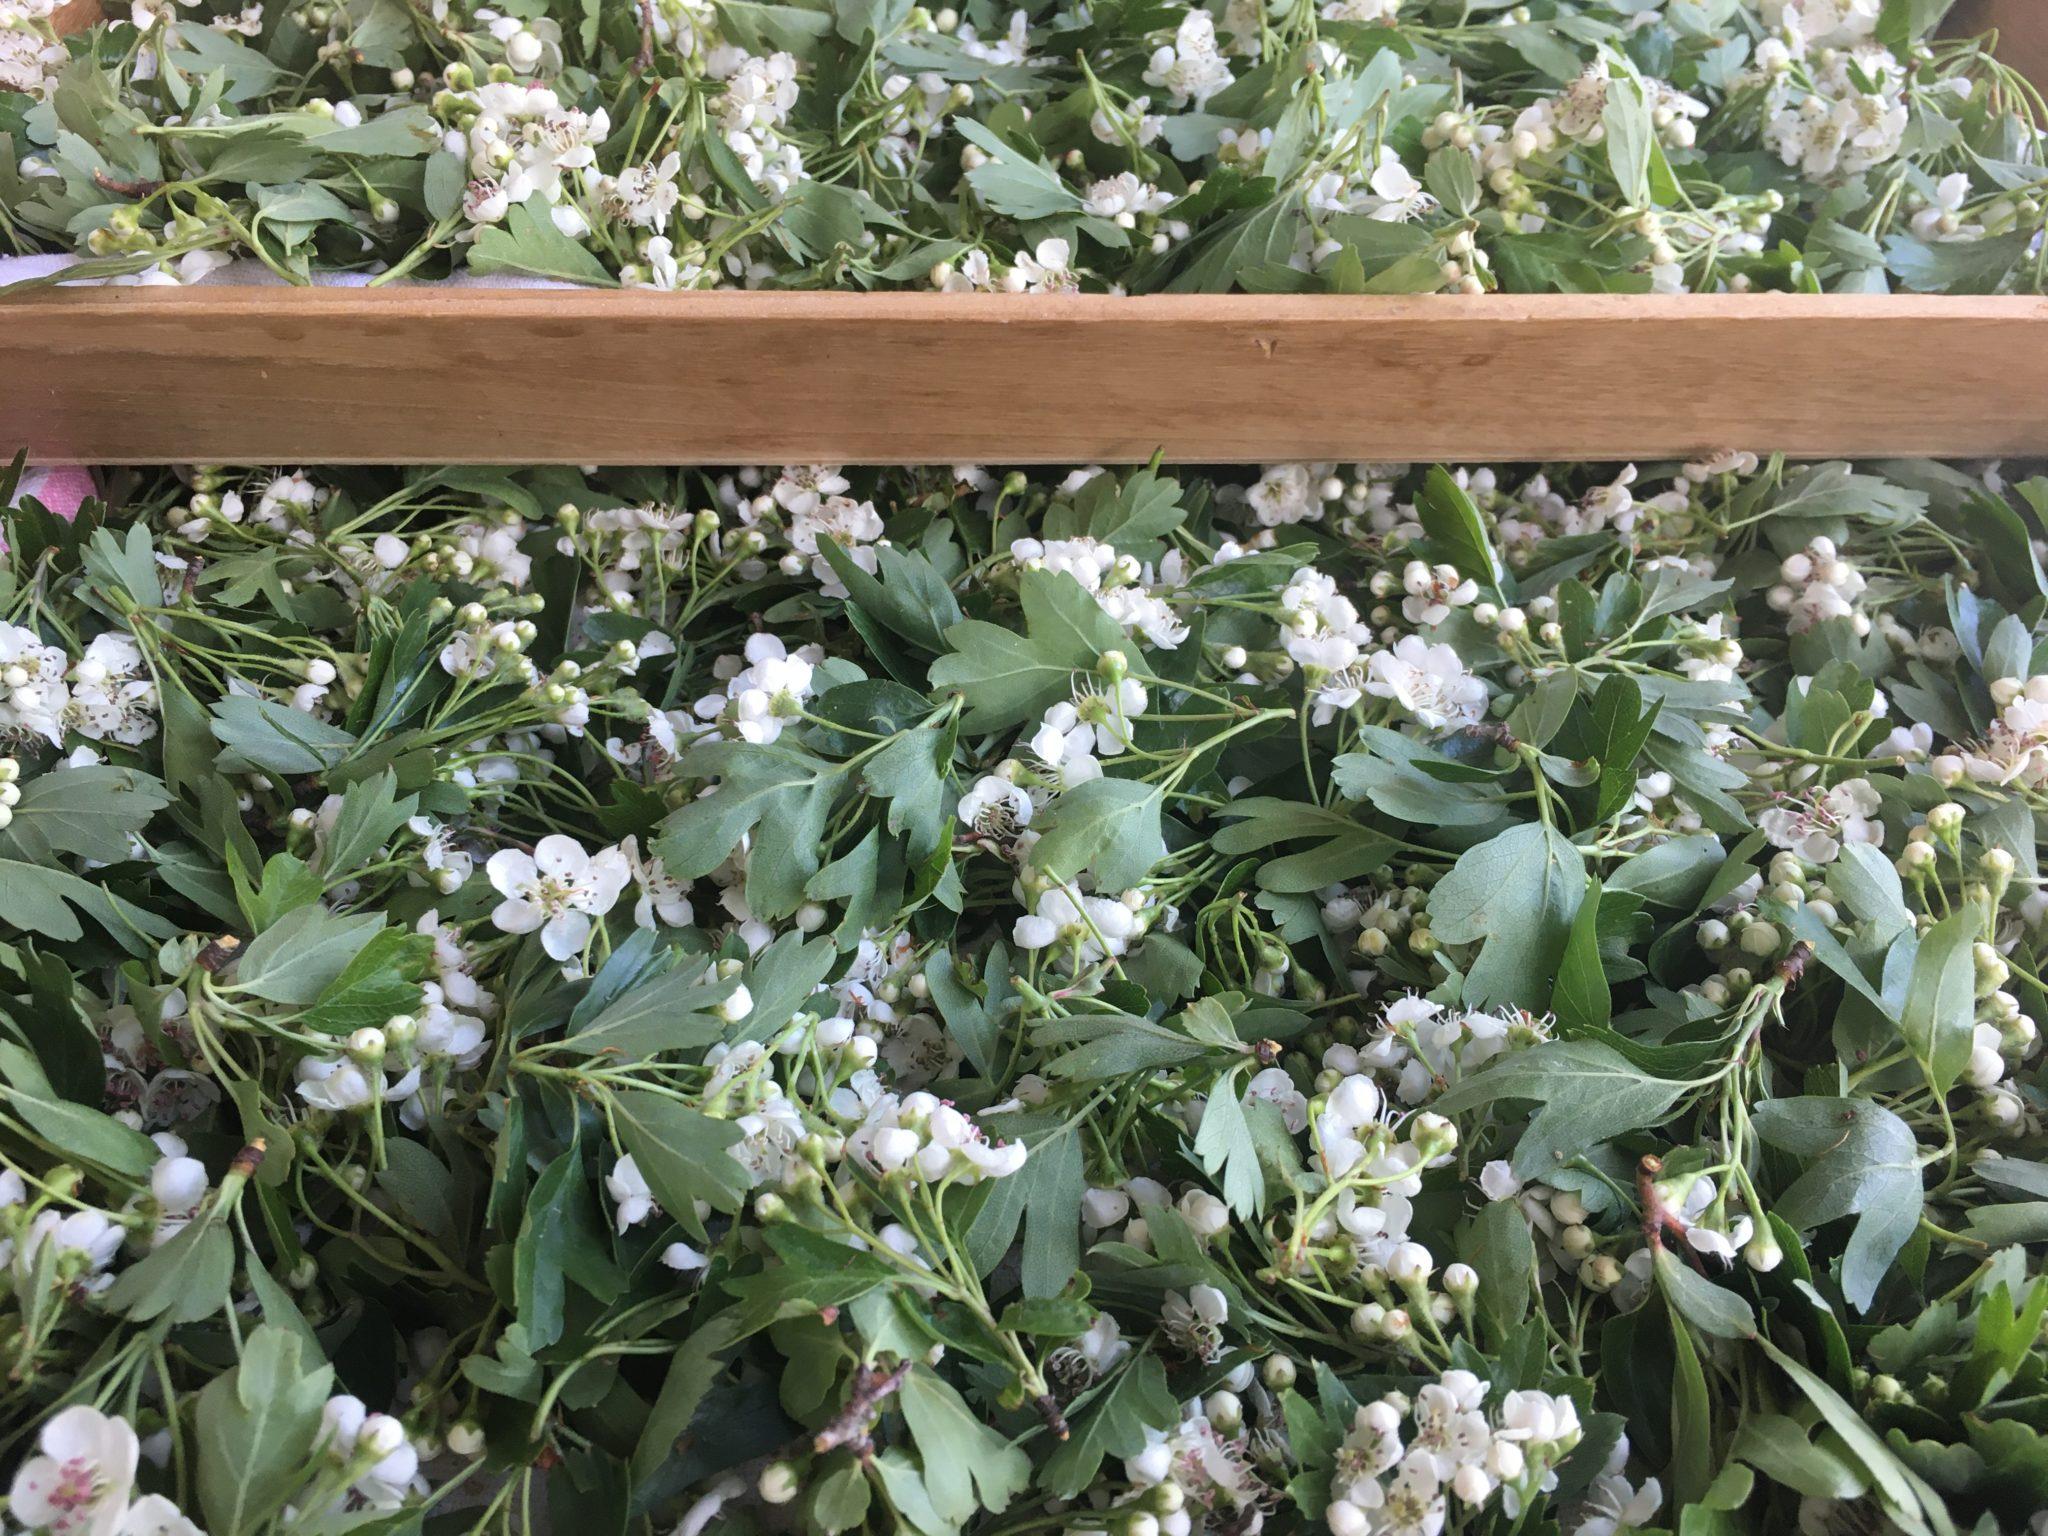 Fleurs d'aubépine mises à sécher